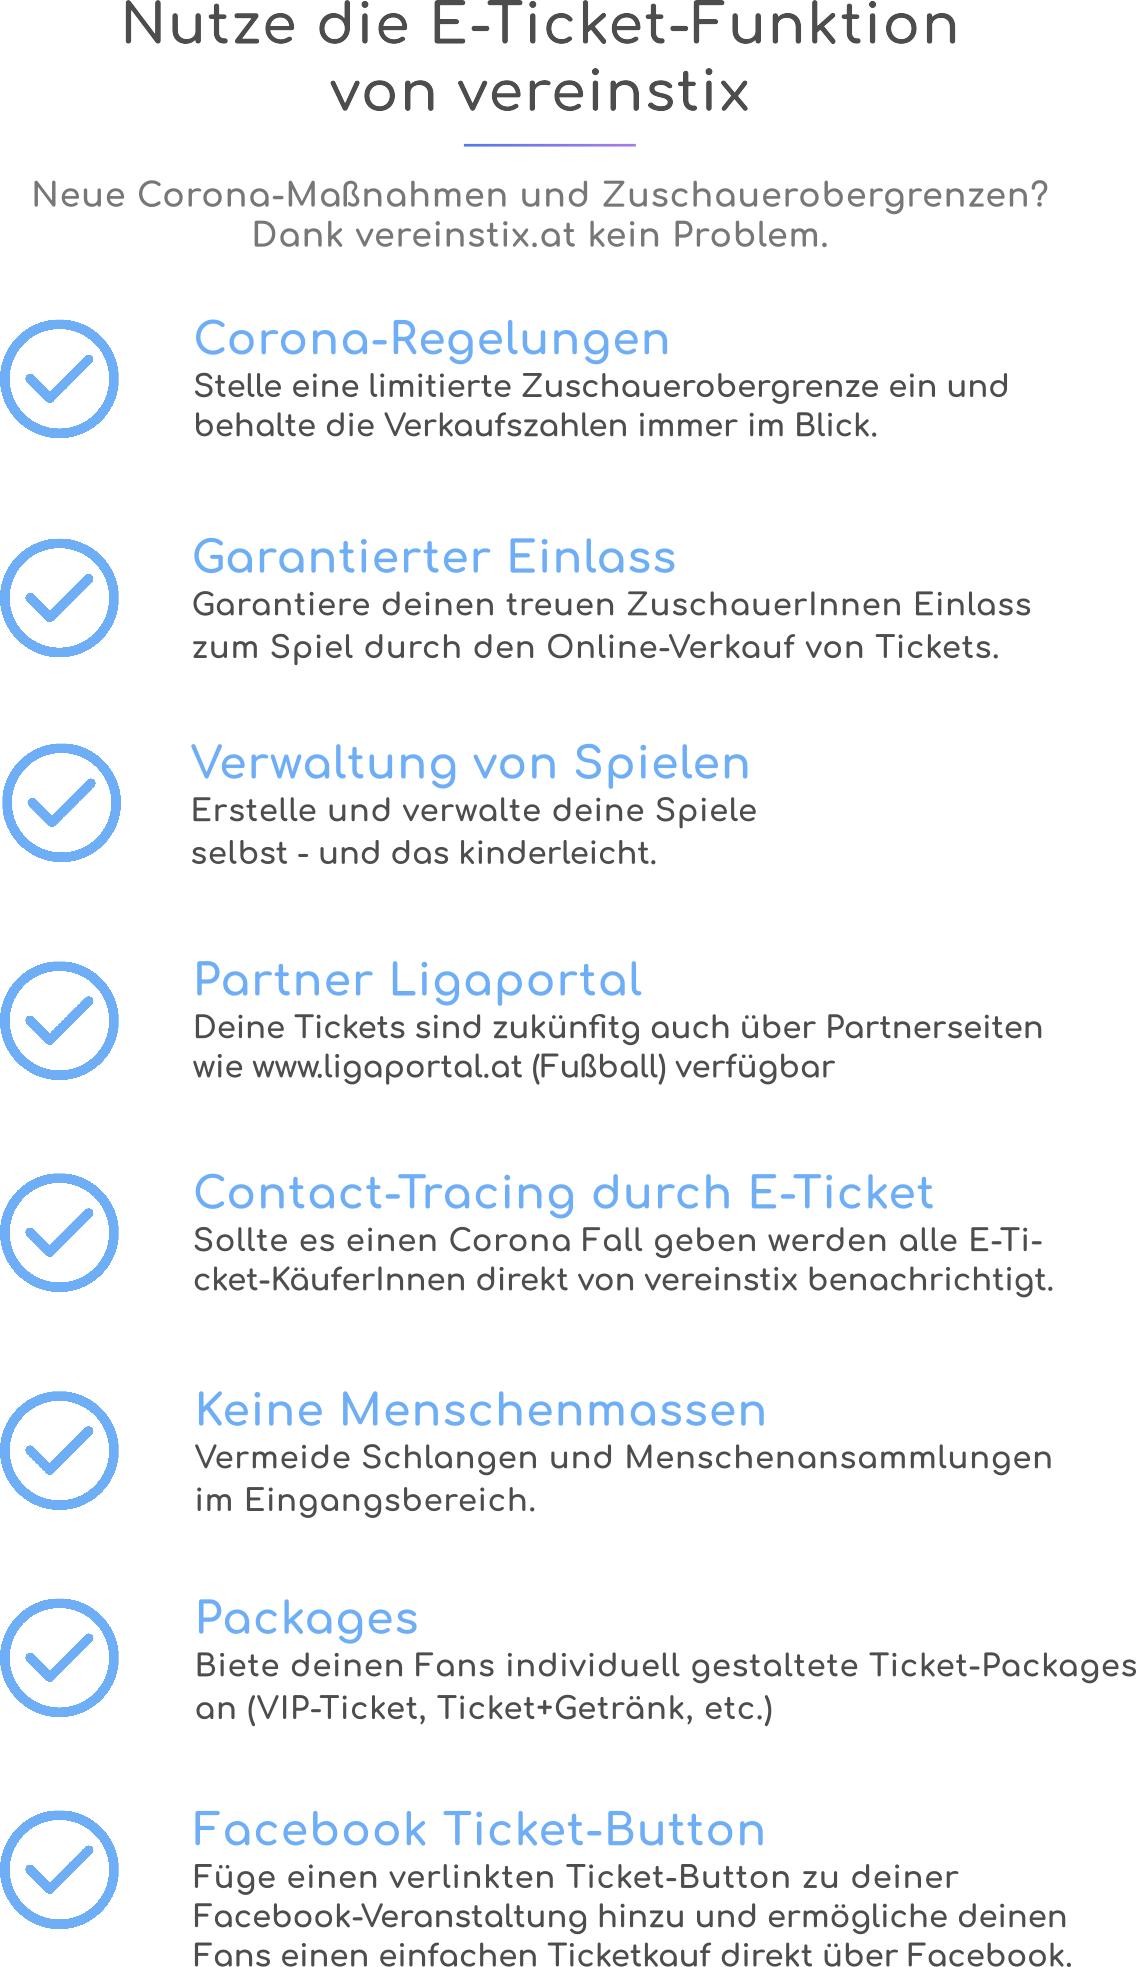 Nutze die E-Ticket-Funktion von vereinstix